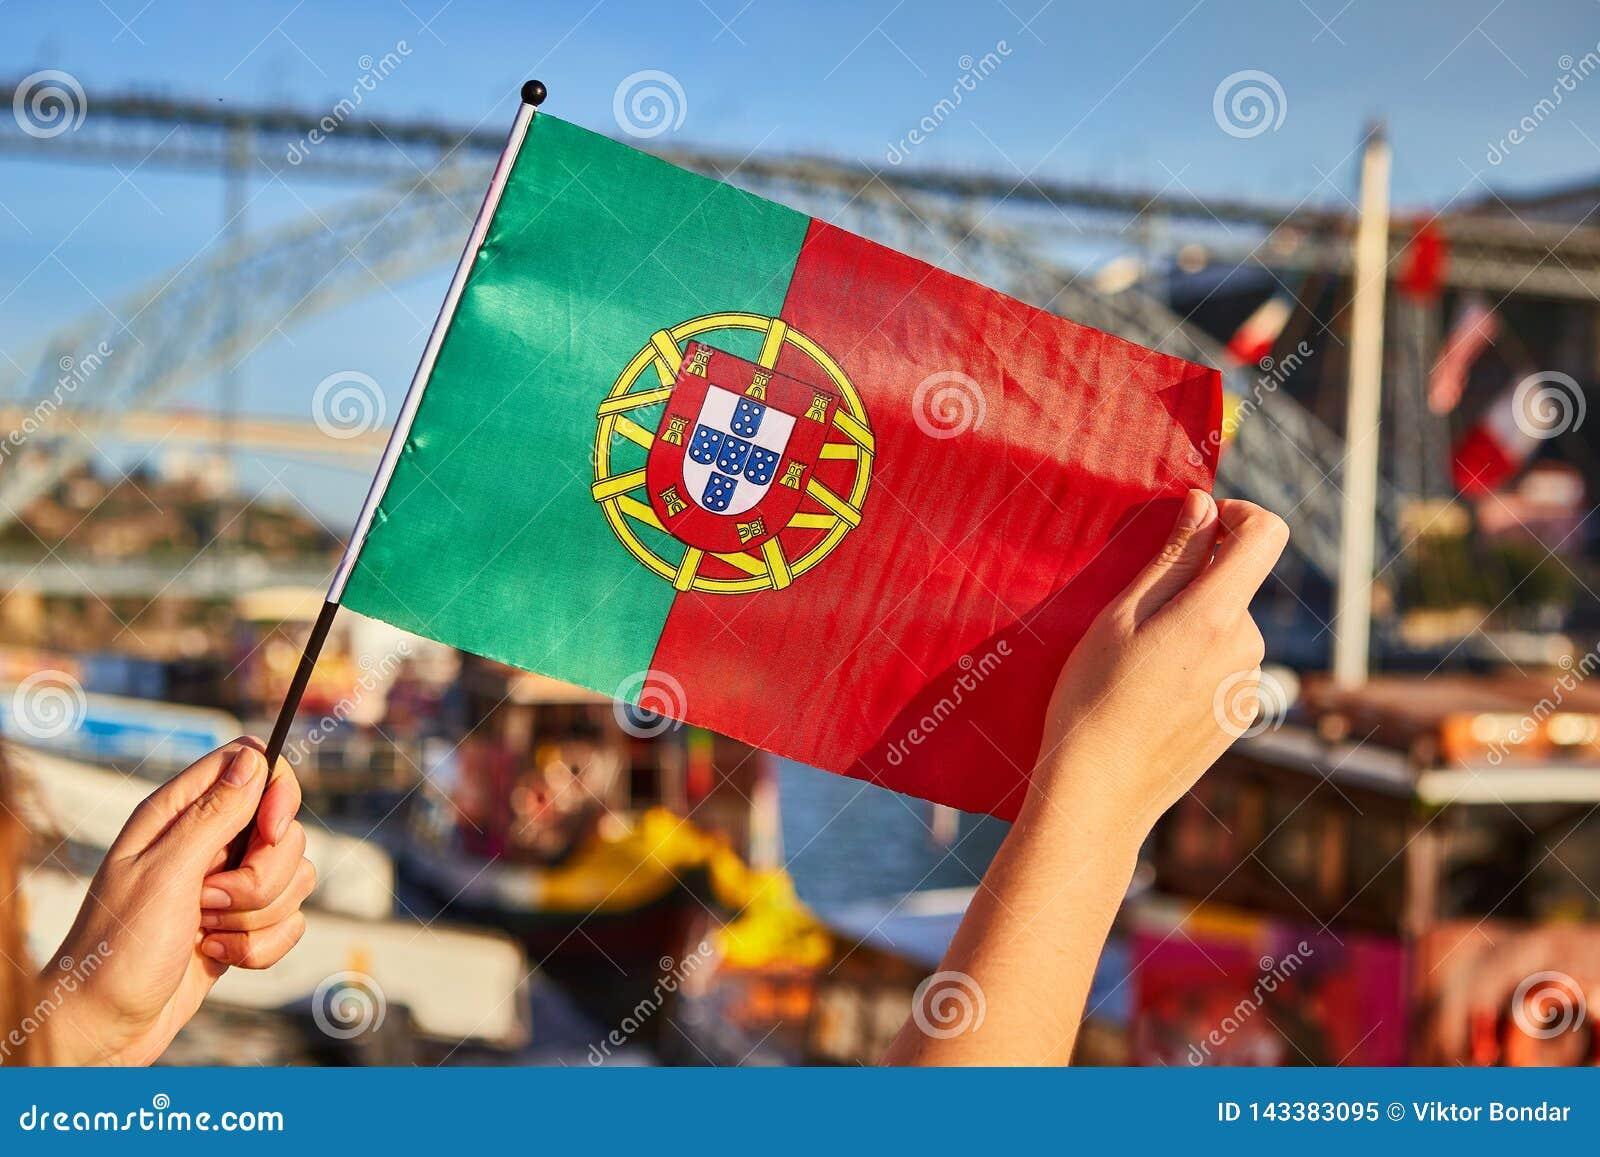 Bandeira portuguesa como um símbolo de Portugal no fundo da ponte Ponte de Dom Luis I na terraplenagem perto do rio Doure dentro